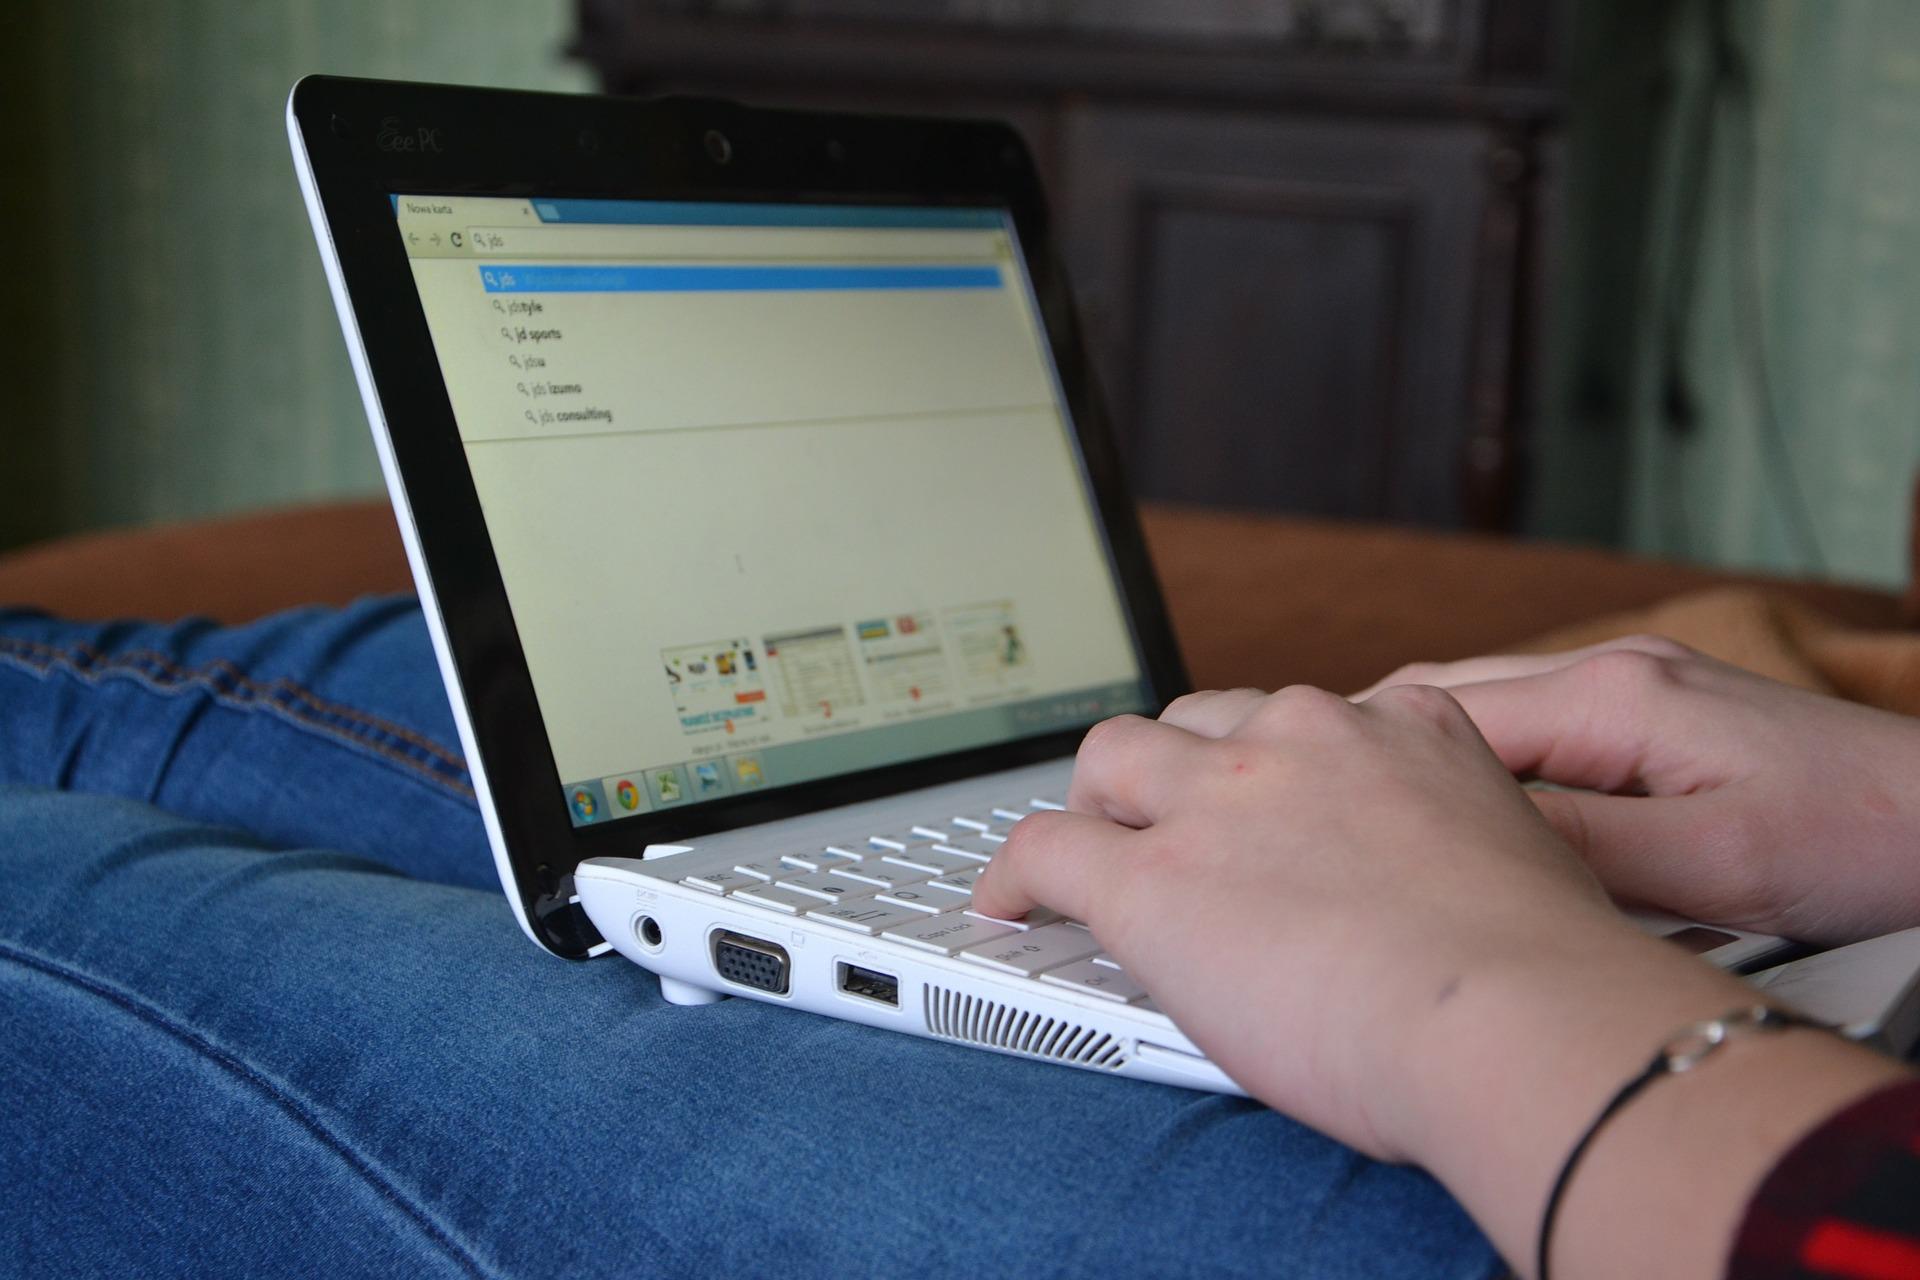 Pessoa sentada com um laptop nas pernas e com as mãos no teclado do equipamento. A tela mostra diversas palavras na ferramenta de busca do navegador.